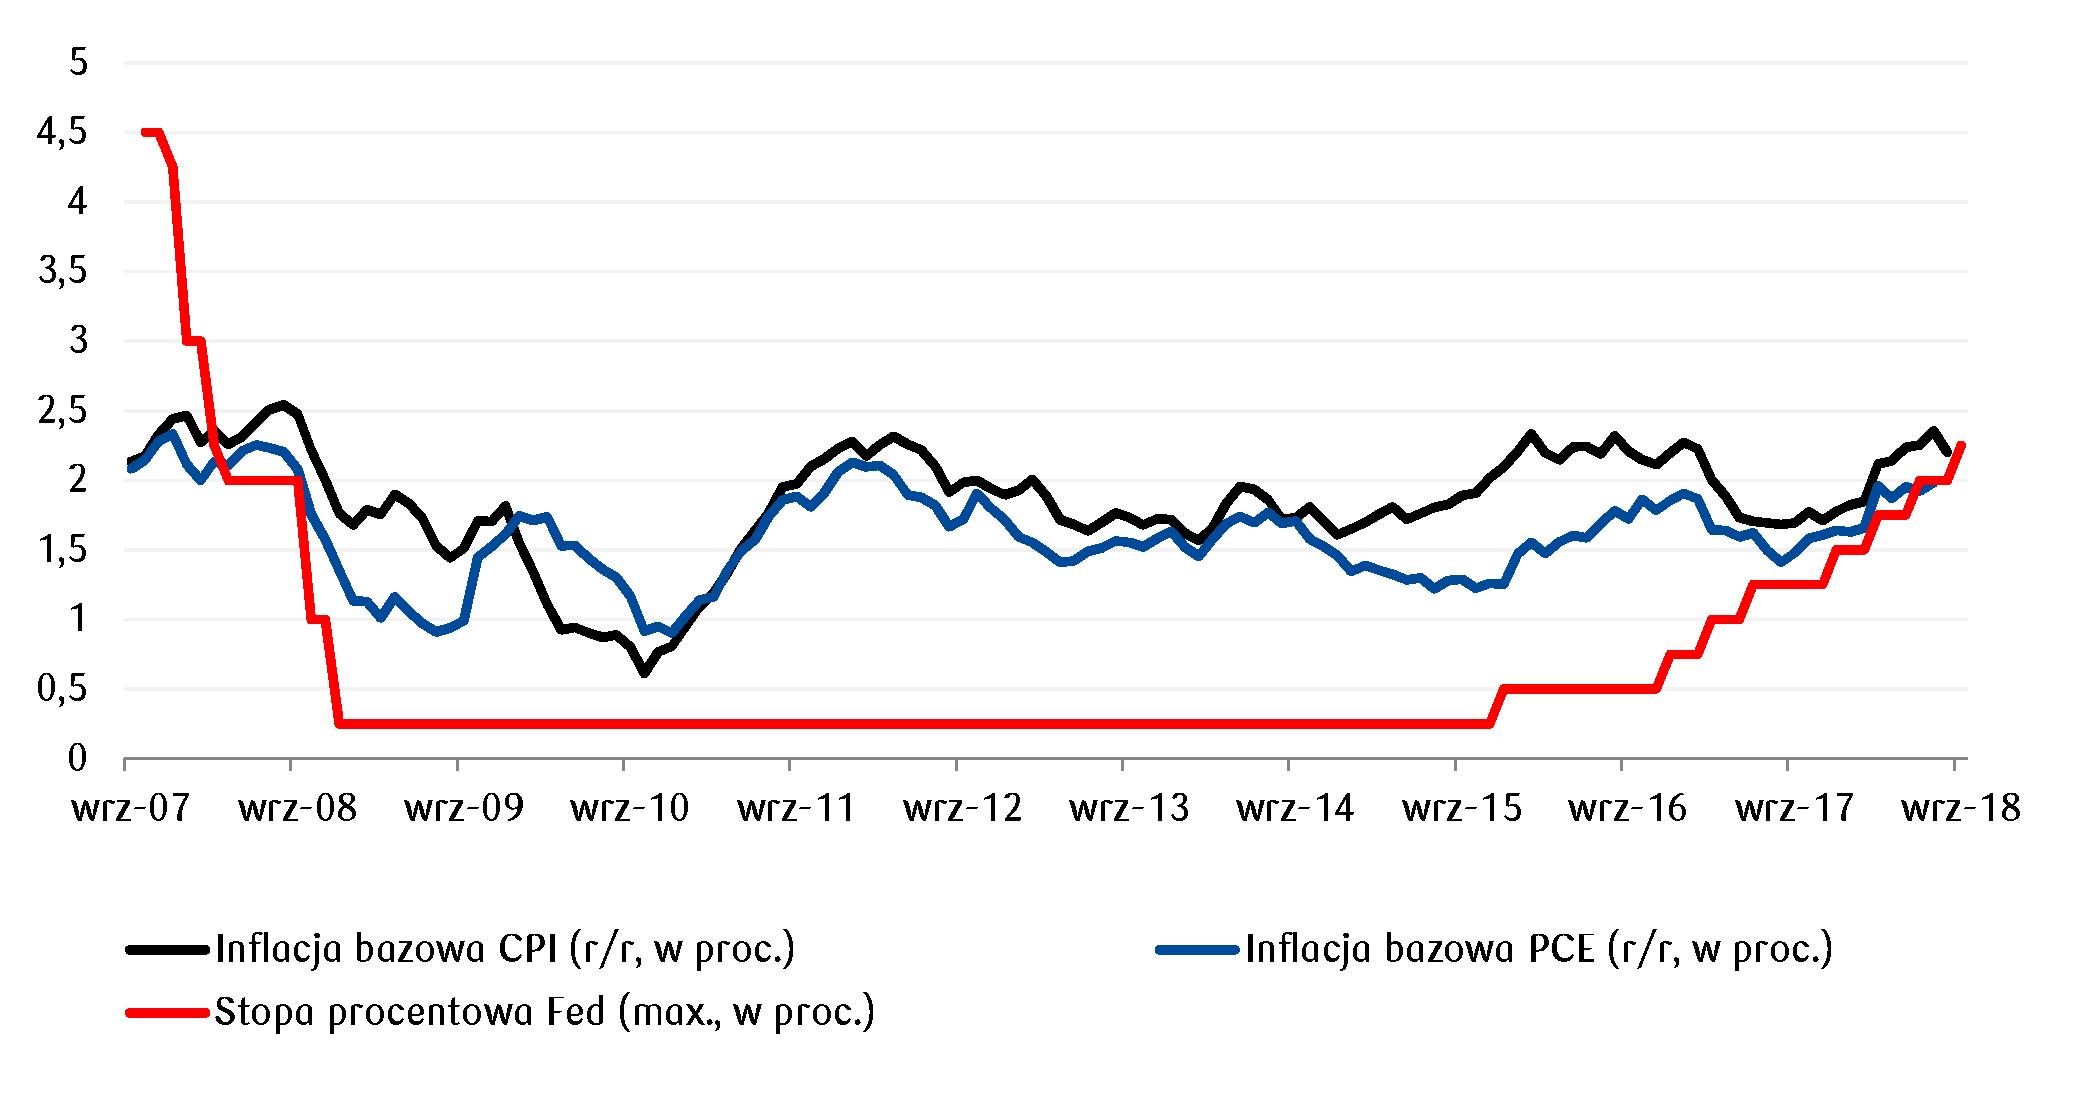 Realna stopa procentowa w USA powyżej zera po raz pierwszy od 2008 roku